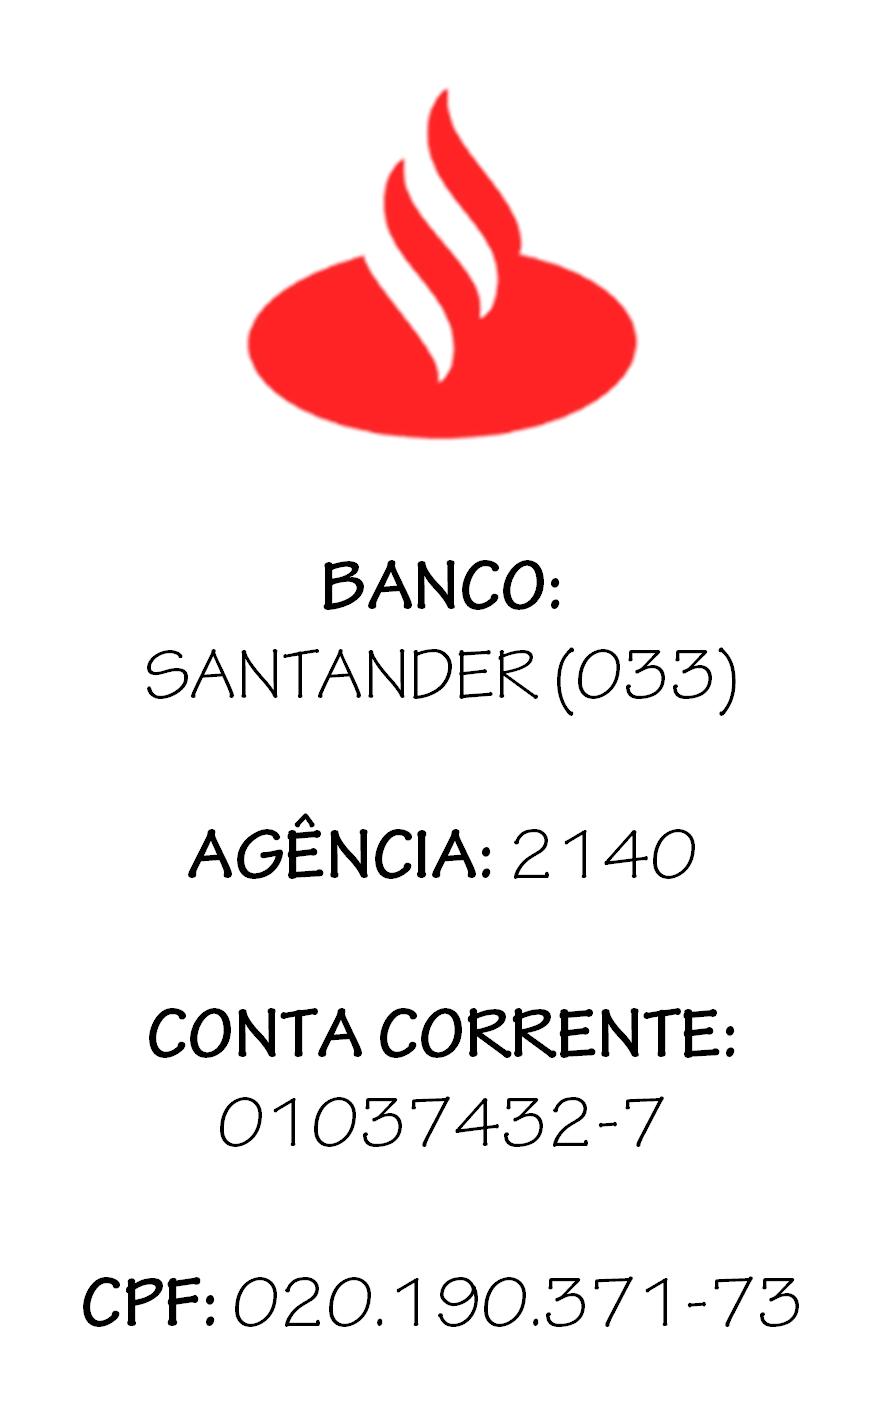 TRANSFERÊNCIA BANCÁRIA (SANTANDER)